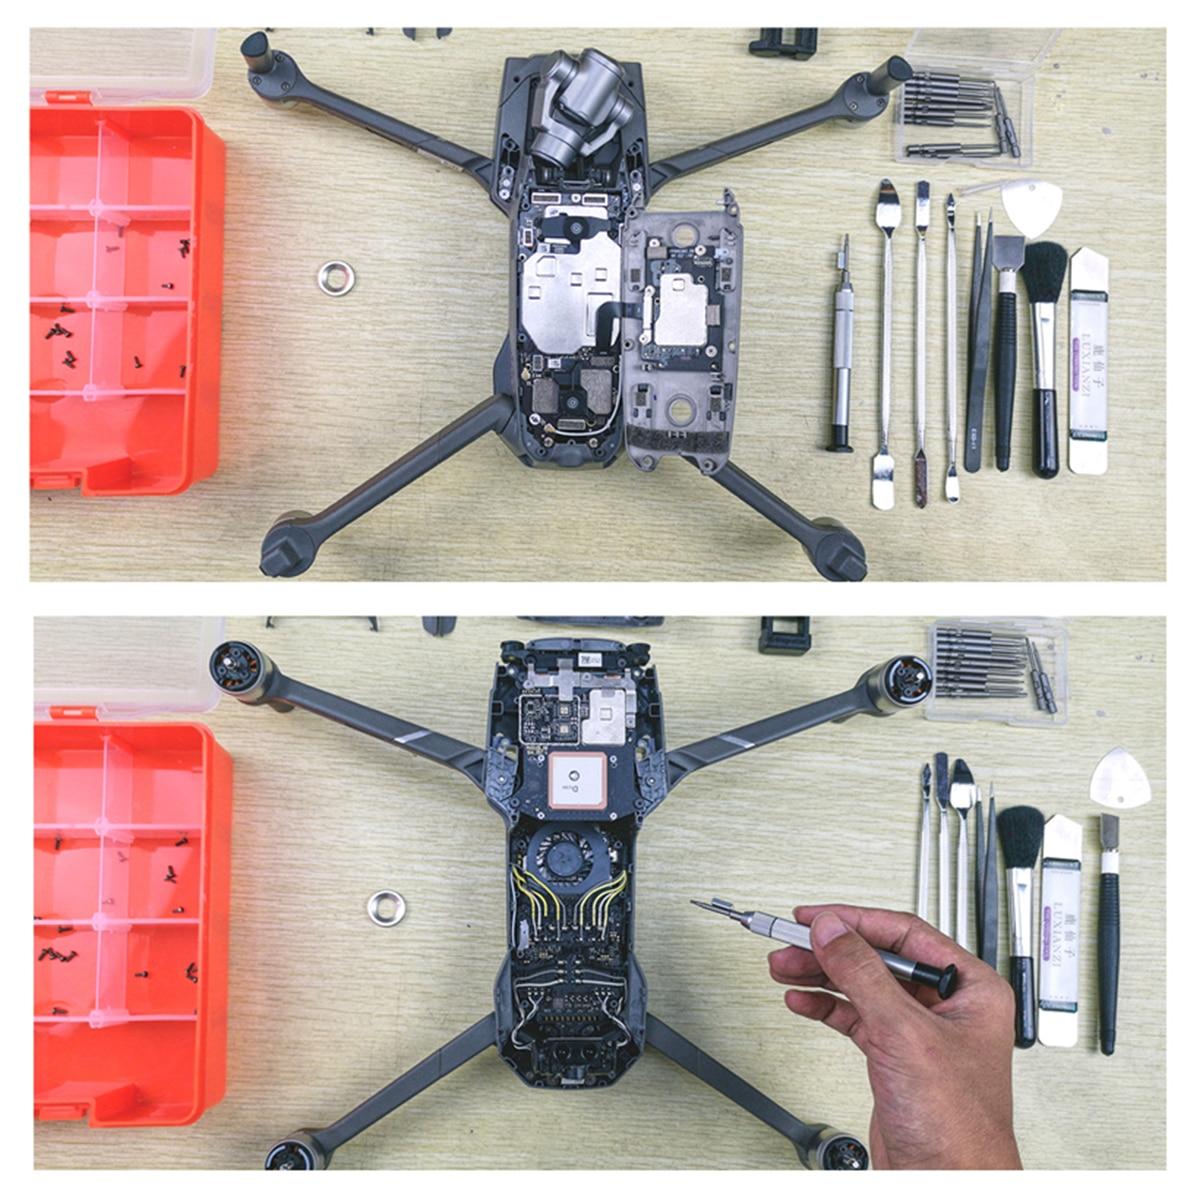 For DJI Mavic Pro Drone Repair Tool Kit Screwdrivers Repairing Tools Accessories